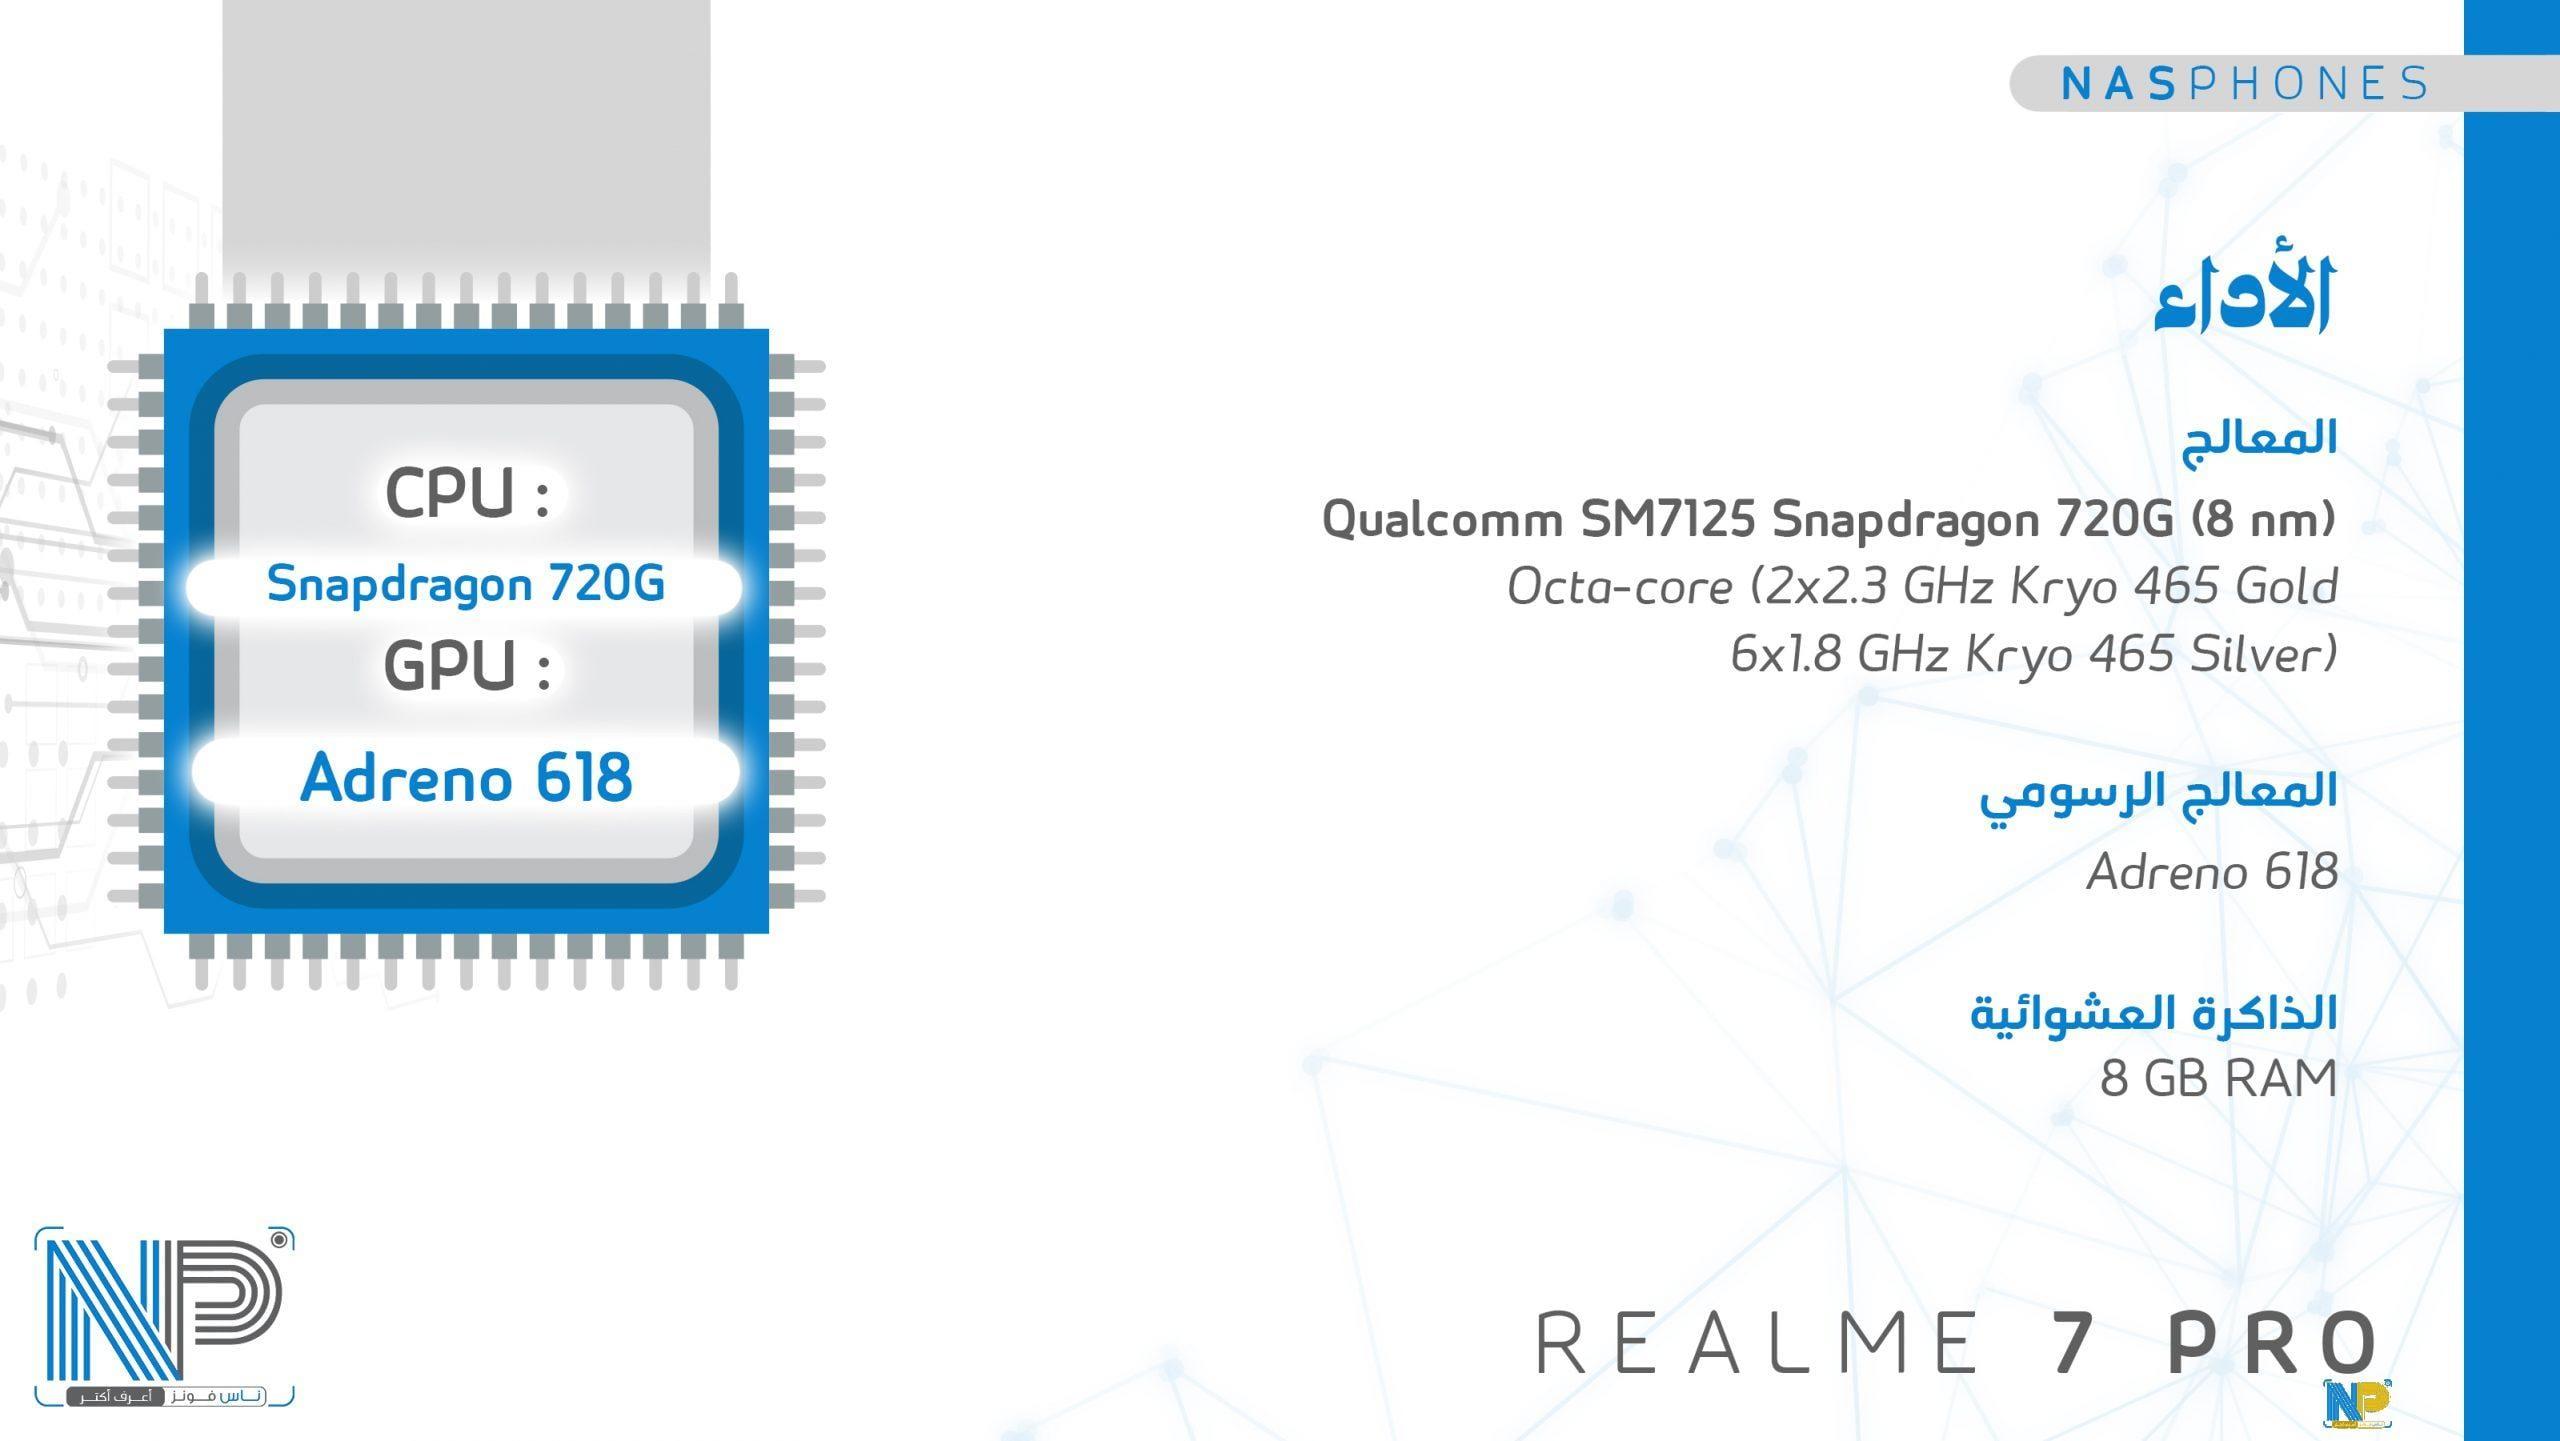 أداء موبايل realme 7 Pro